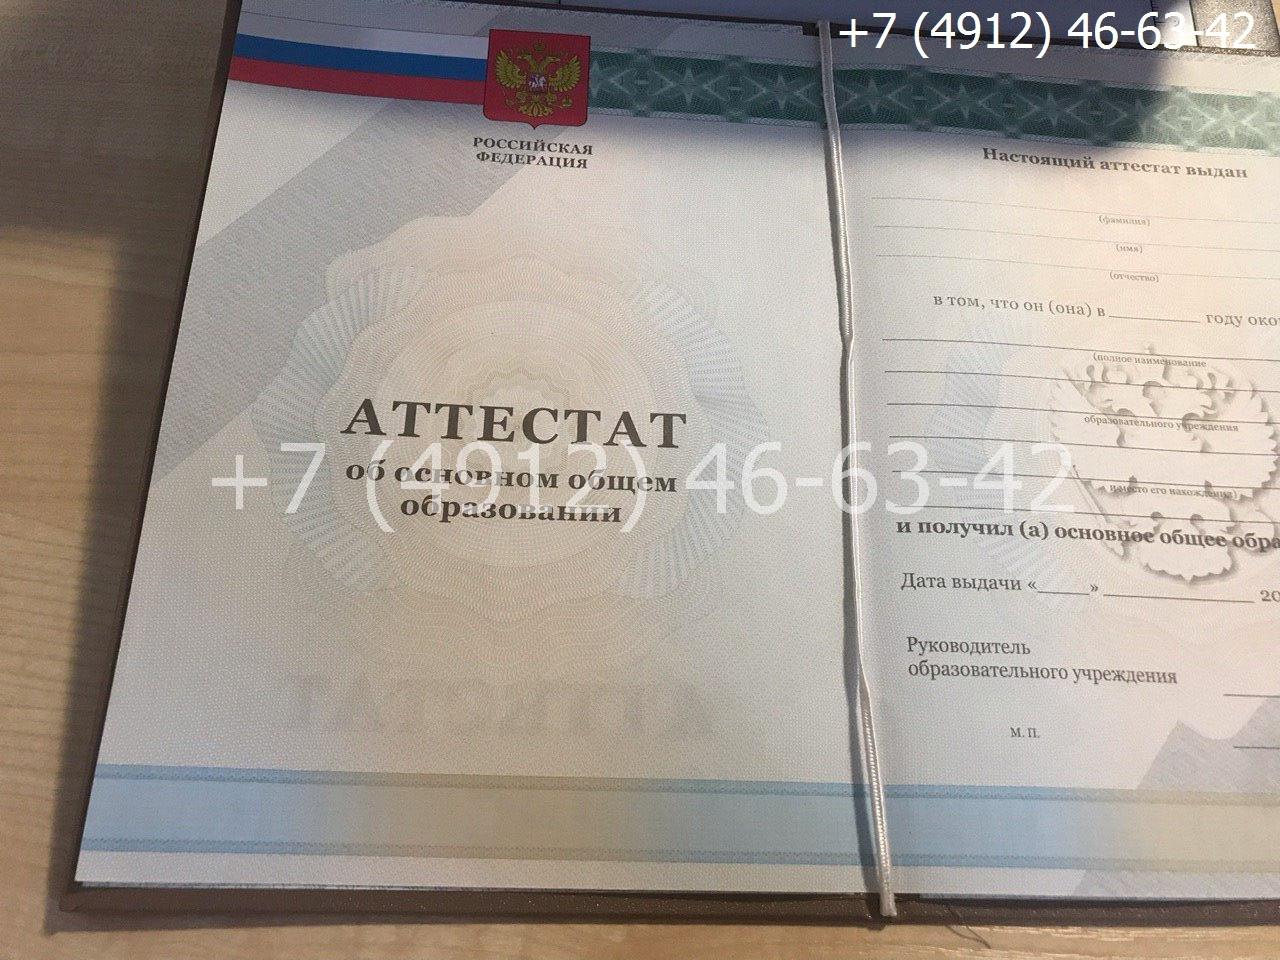 Аттестат 9 класс 2010-2013 годов, старого образца, титульный лист